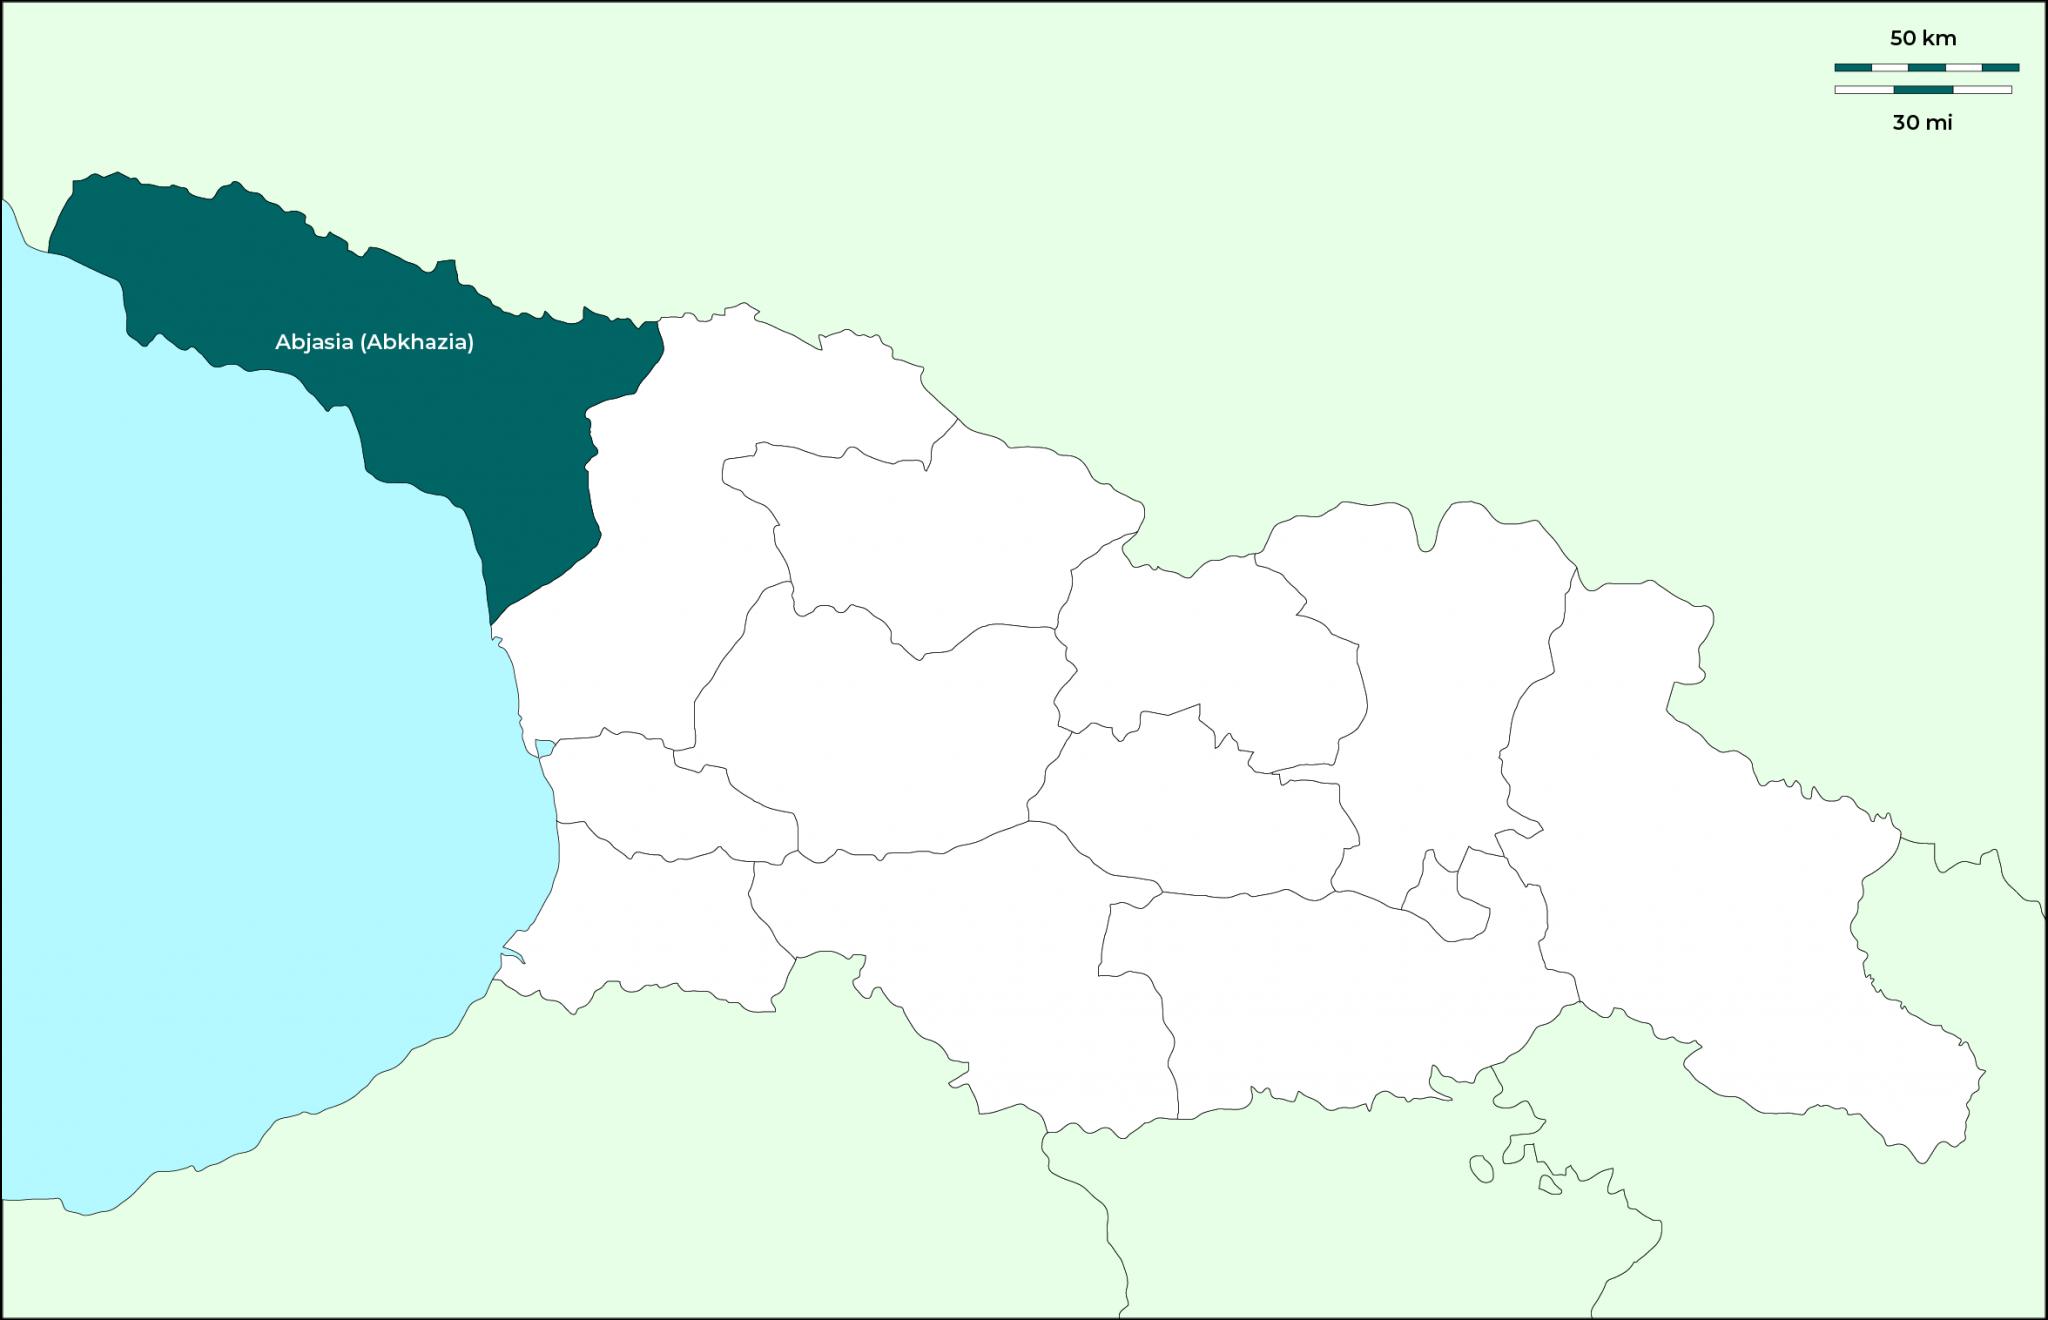 Región de Abjasia (Abkhazia): Mapa